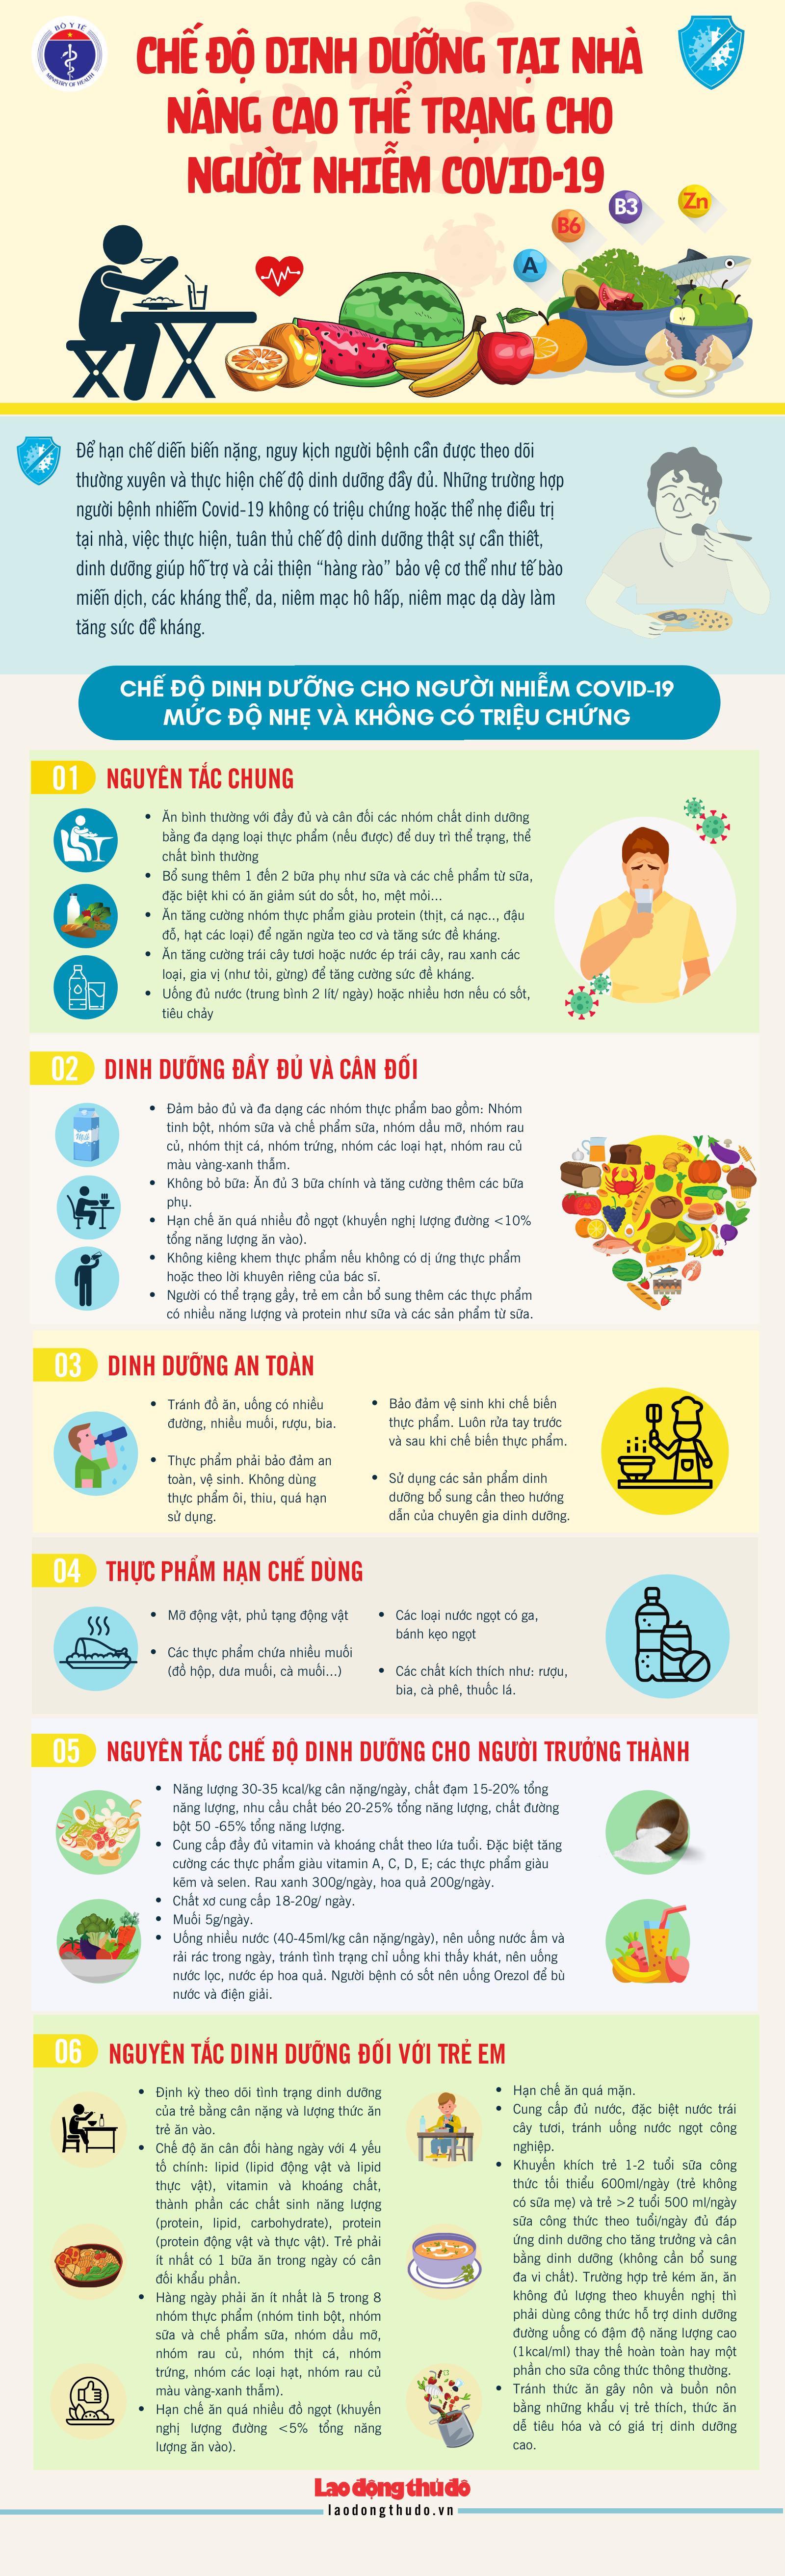 [Infographic] Chế độ dinh dưỡng tại nhà nâng cao thể trạng cho người nhiễm Covid-19